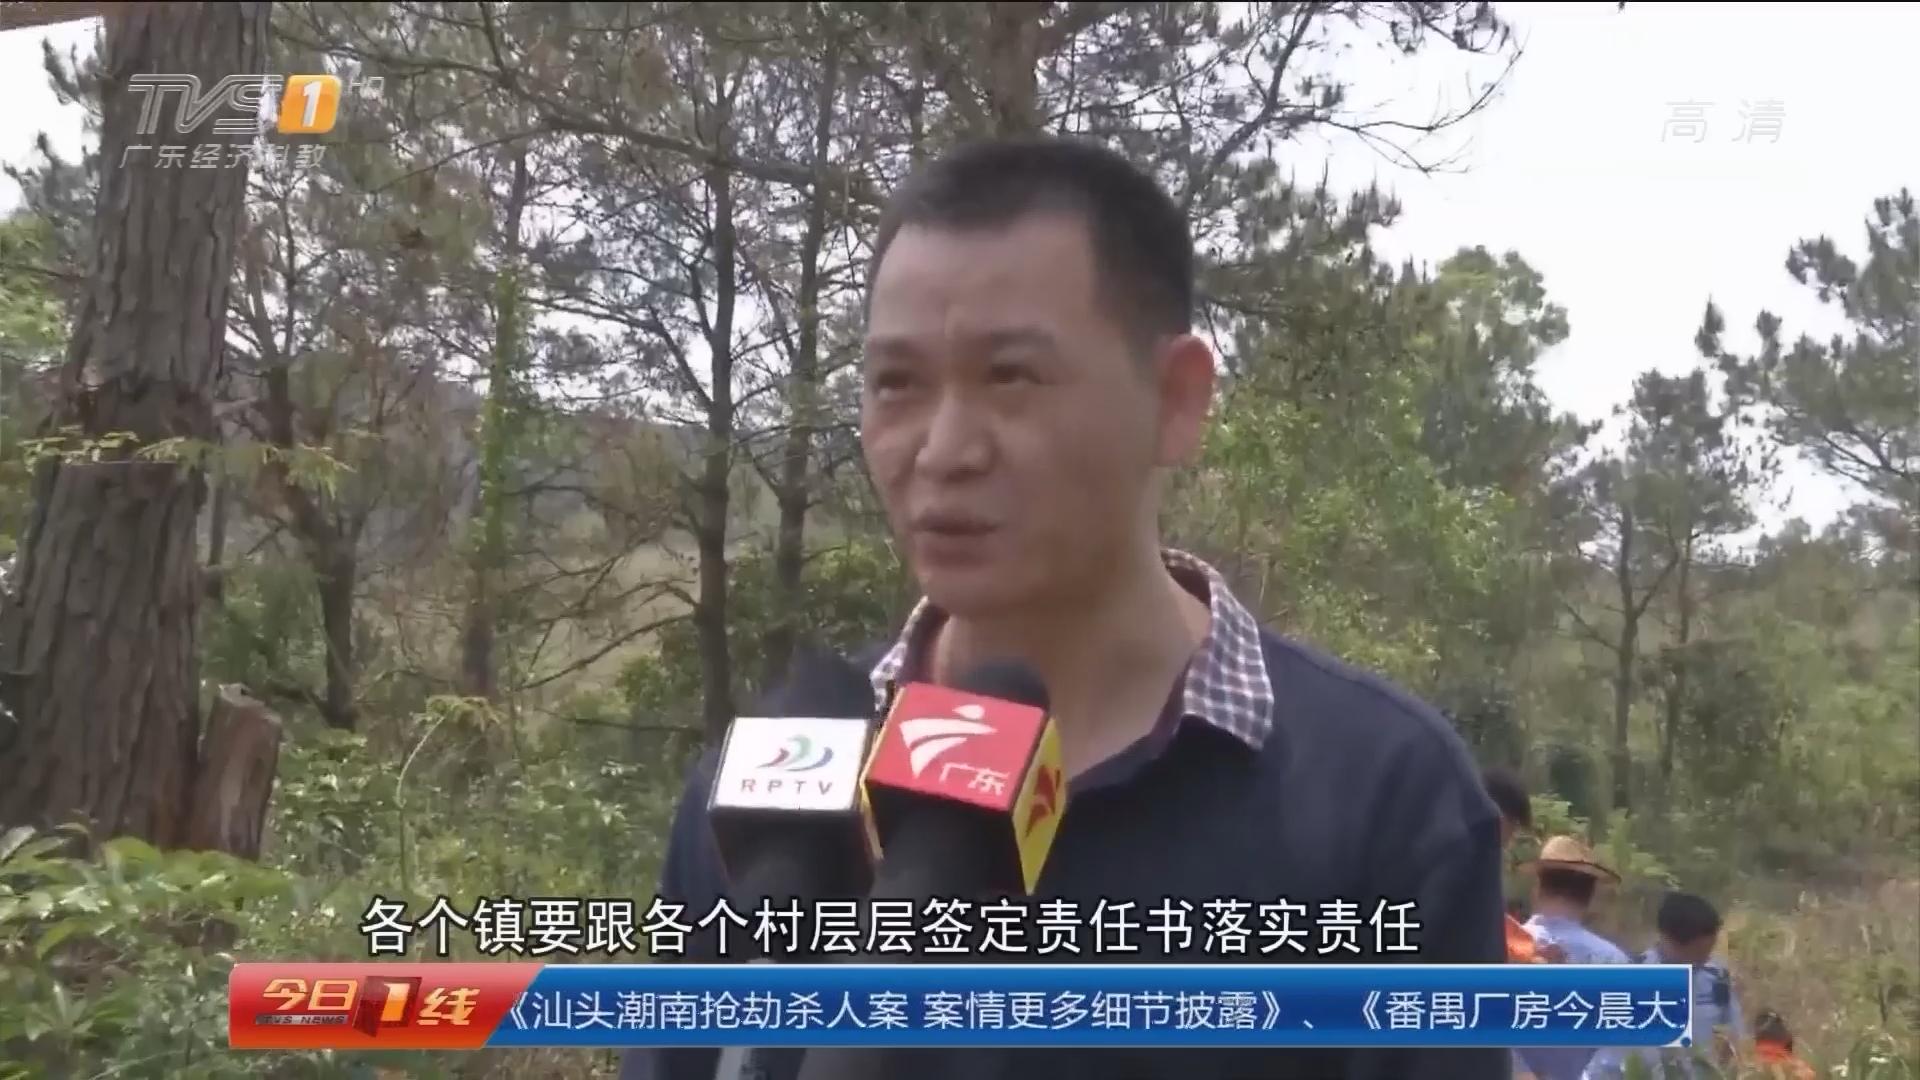 非法捕鸟追踪:粤东四市展开专项检查